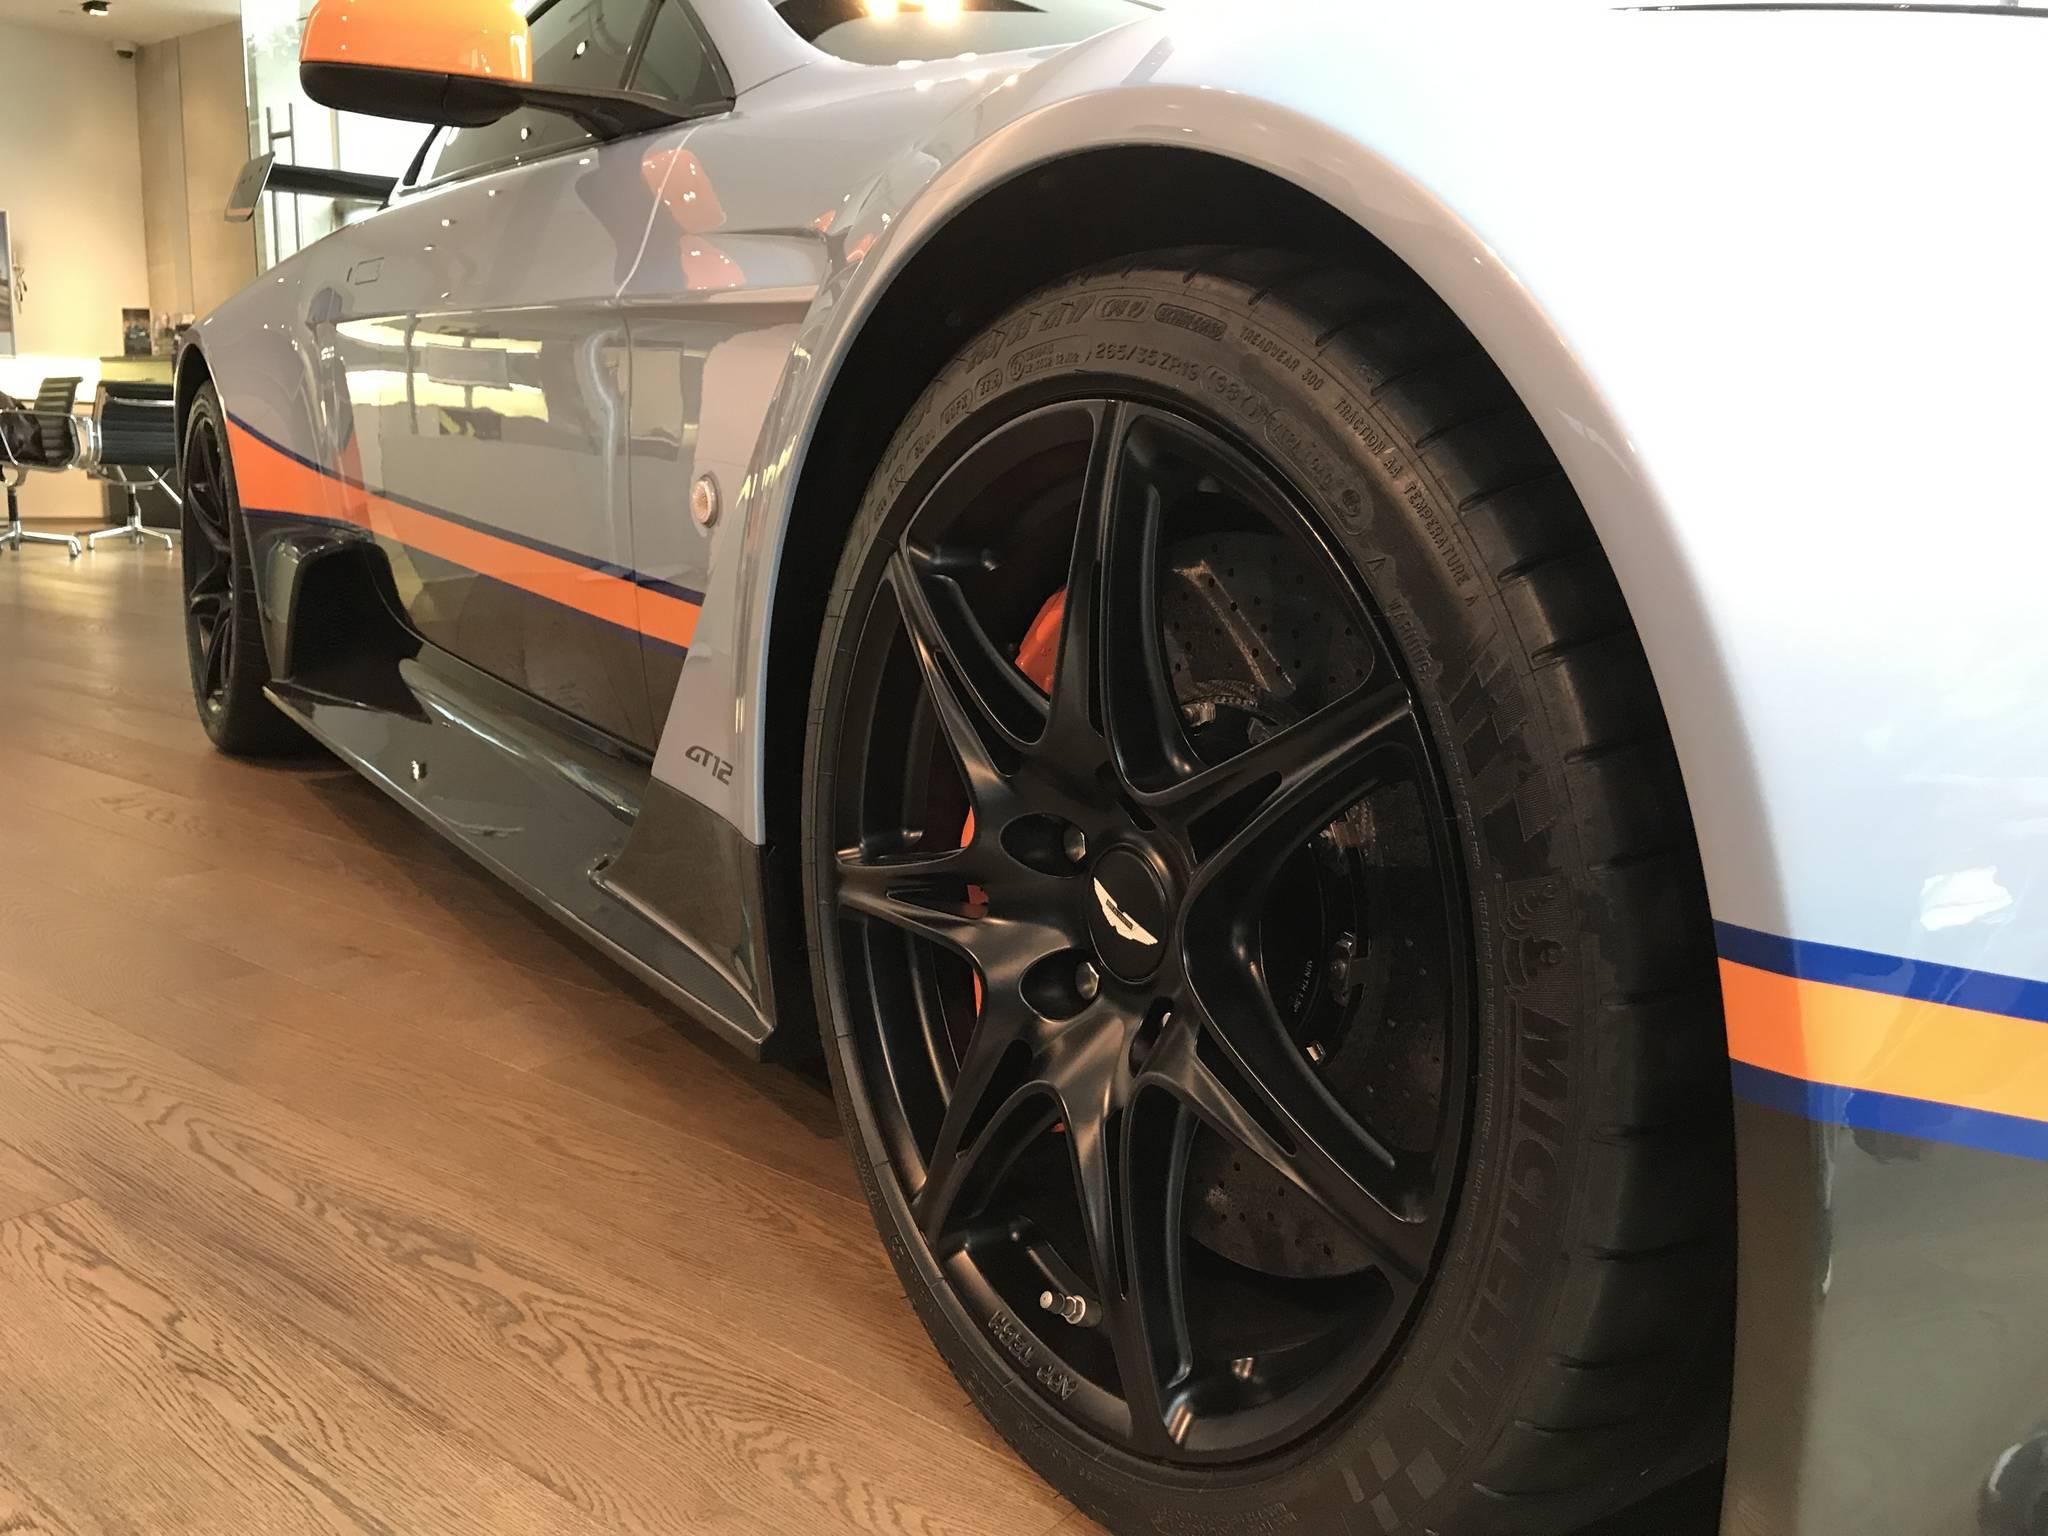 좁은 전시 공간에도 불구하고 자리를 차지하고 있는 밴티지 GT12. 전세계 100대 한정판매된 차량으로 출고 시작 이후 얼마 지나지 않아 완판 기록을 세웠다. 박상욱 기자